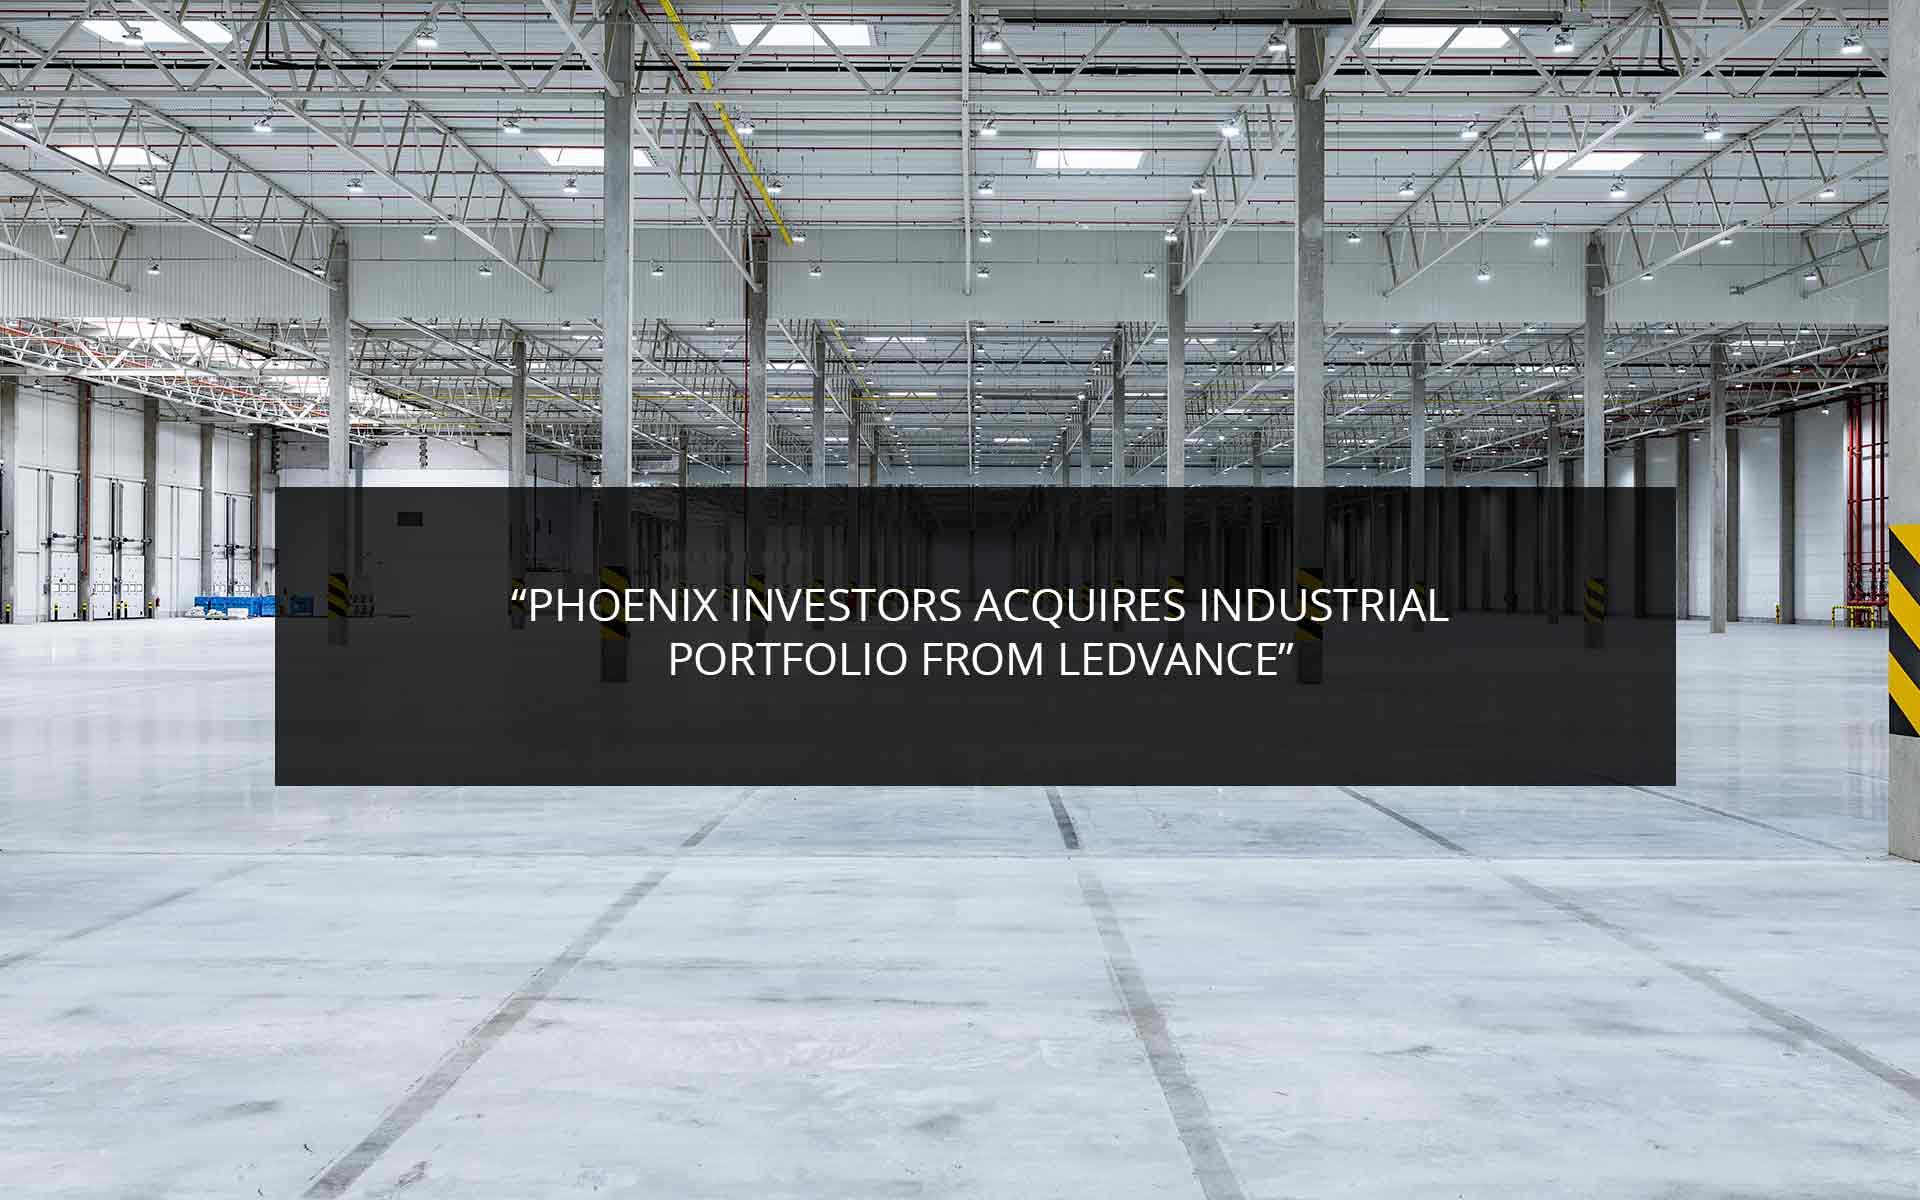 Phoenix Investors Acquires Industrial Portfolio From LEDVANCE